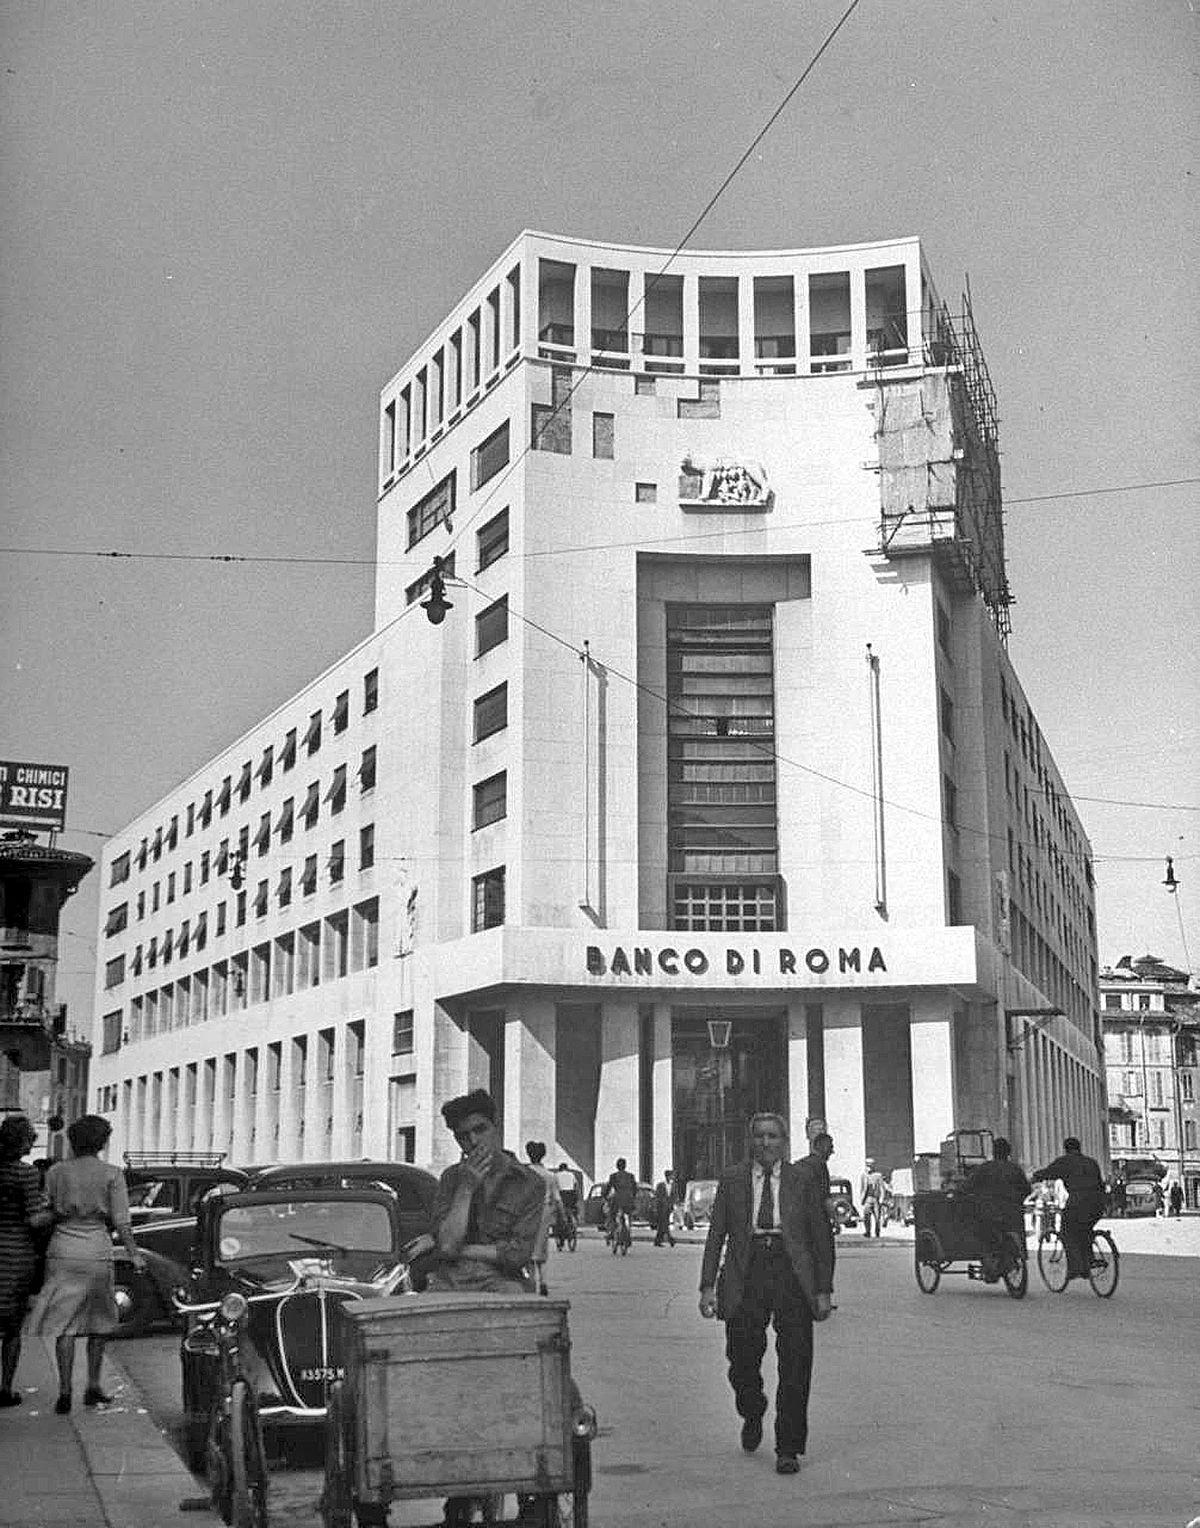 Palazzo del banco di roma wikipedia - Architetto palazzo congressi roma ...